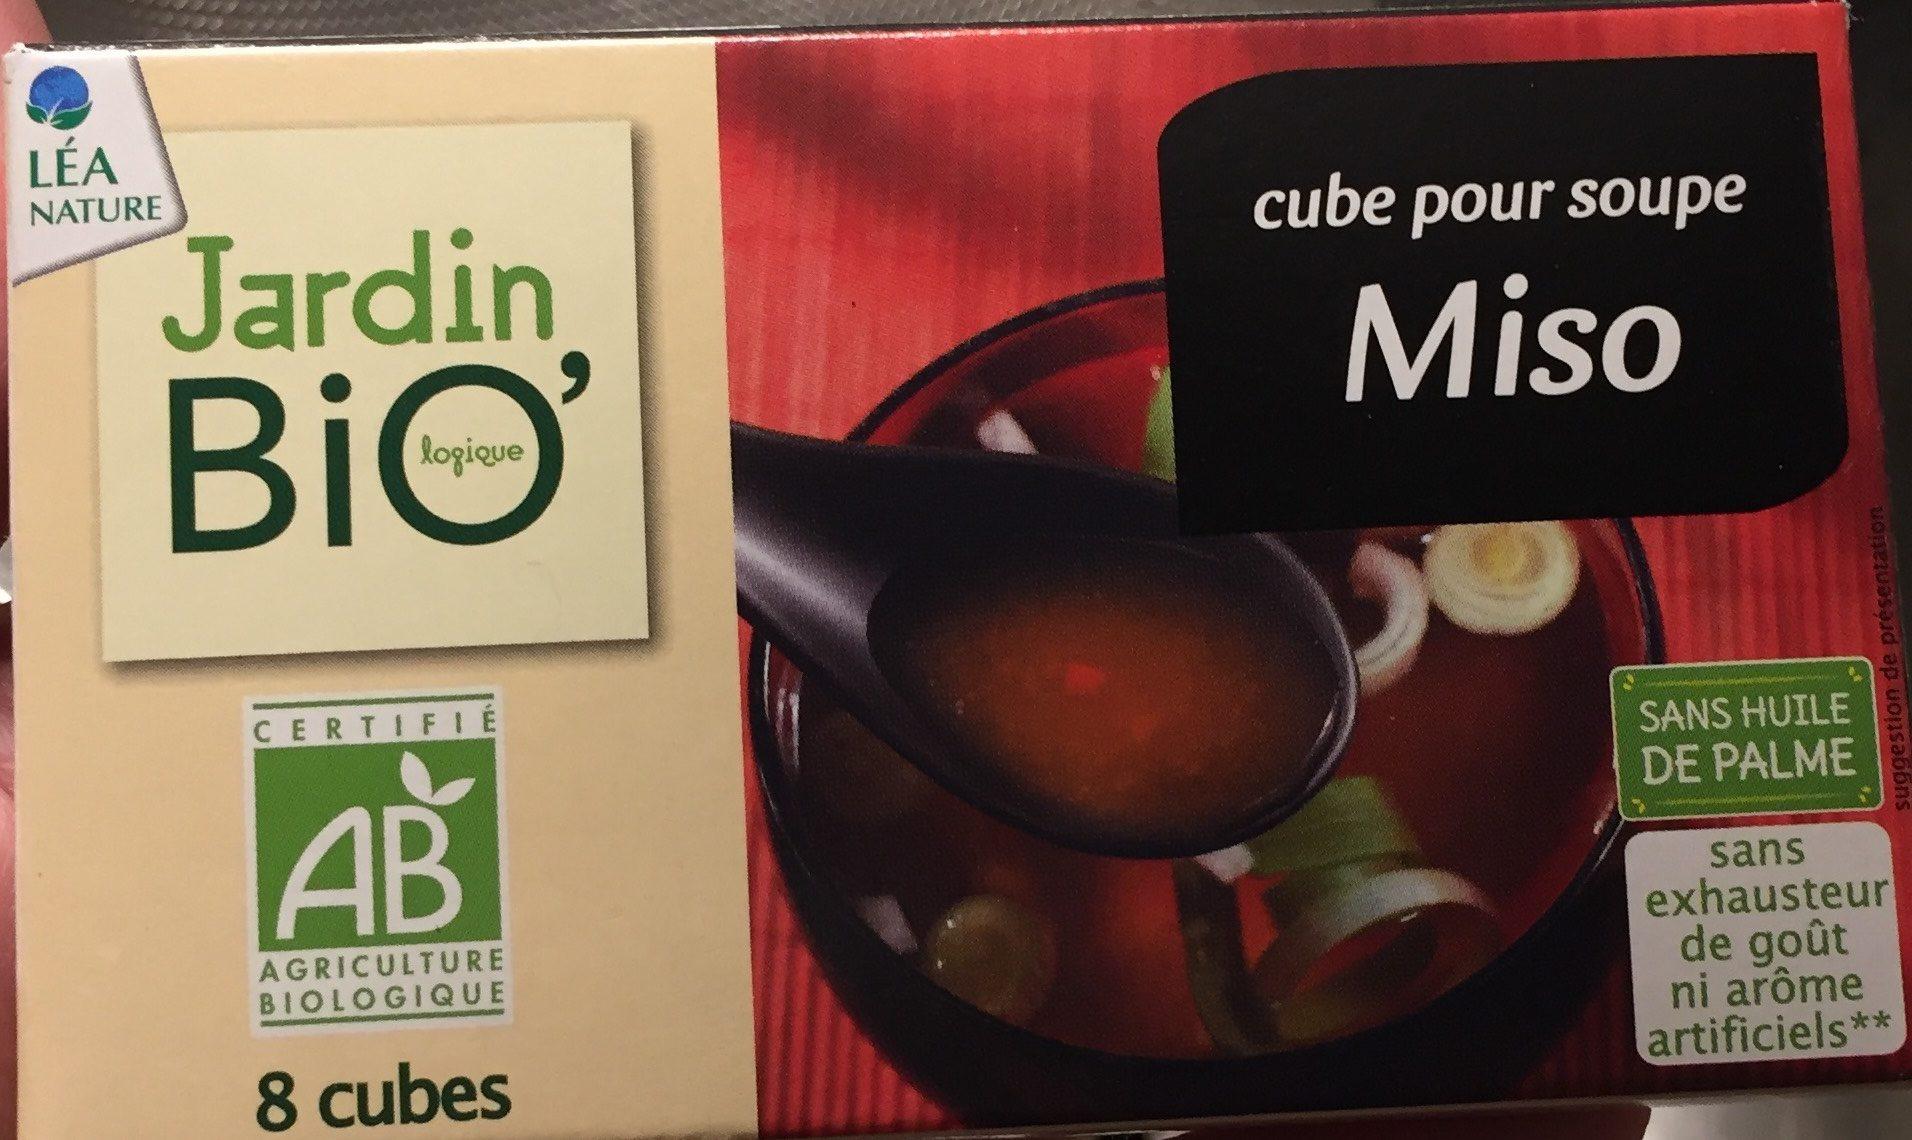 Cube Pour Soupe Miso Jardin Bio - Produit - fr